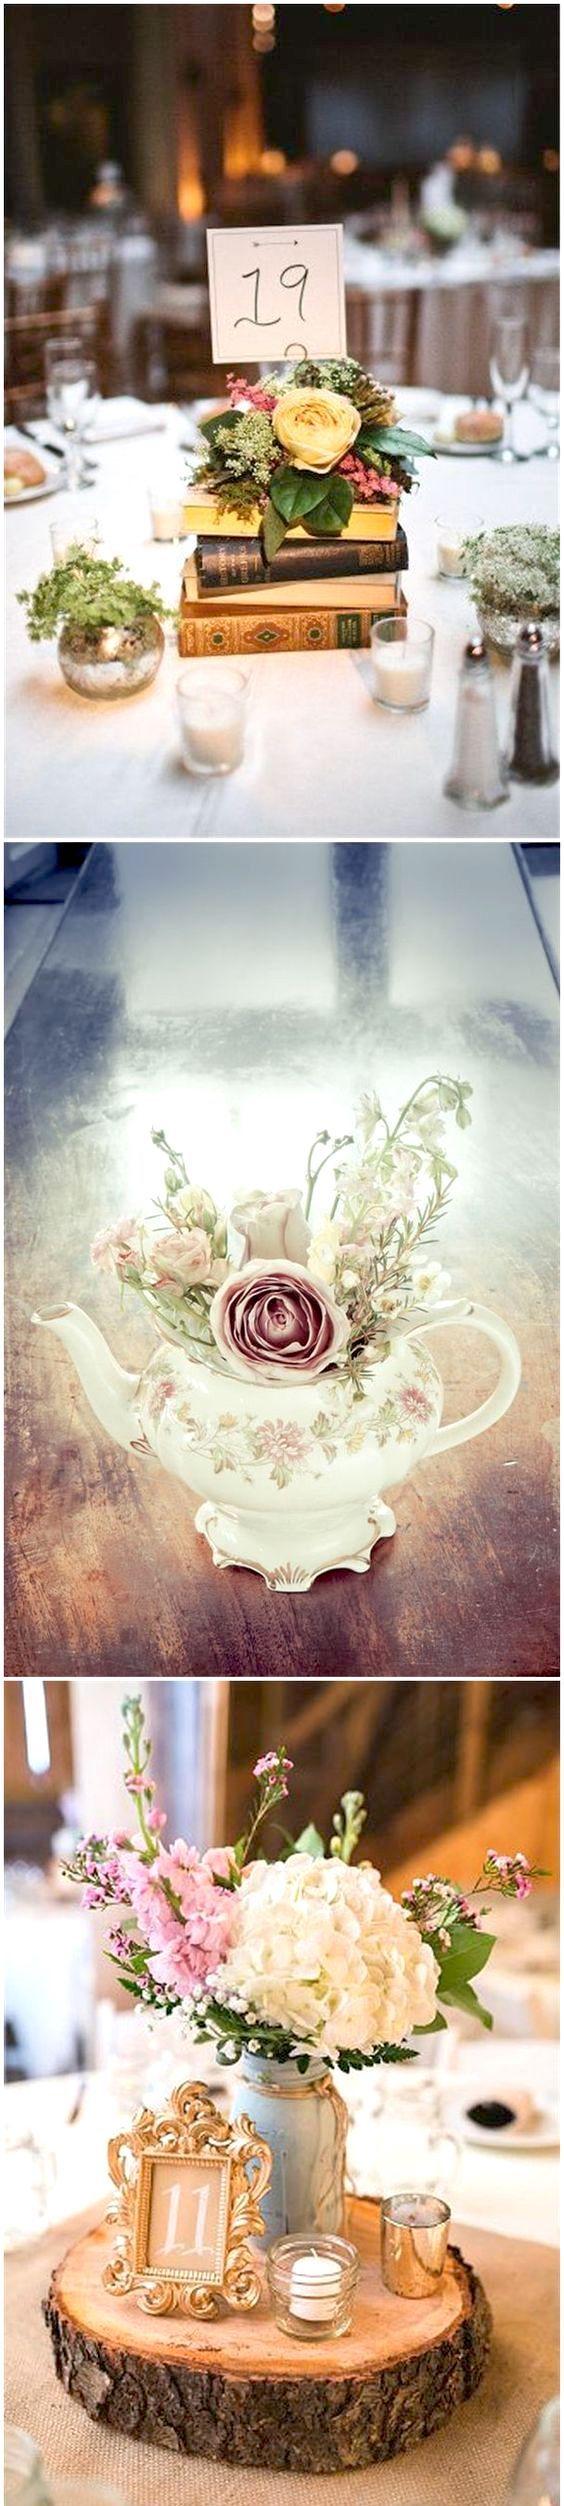 Las bodas vintage siempre transmiten una sensación de elegancia y romance.